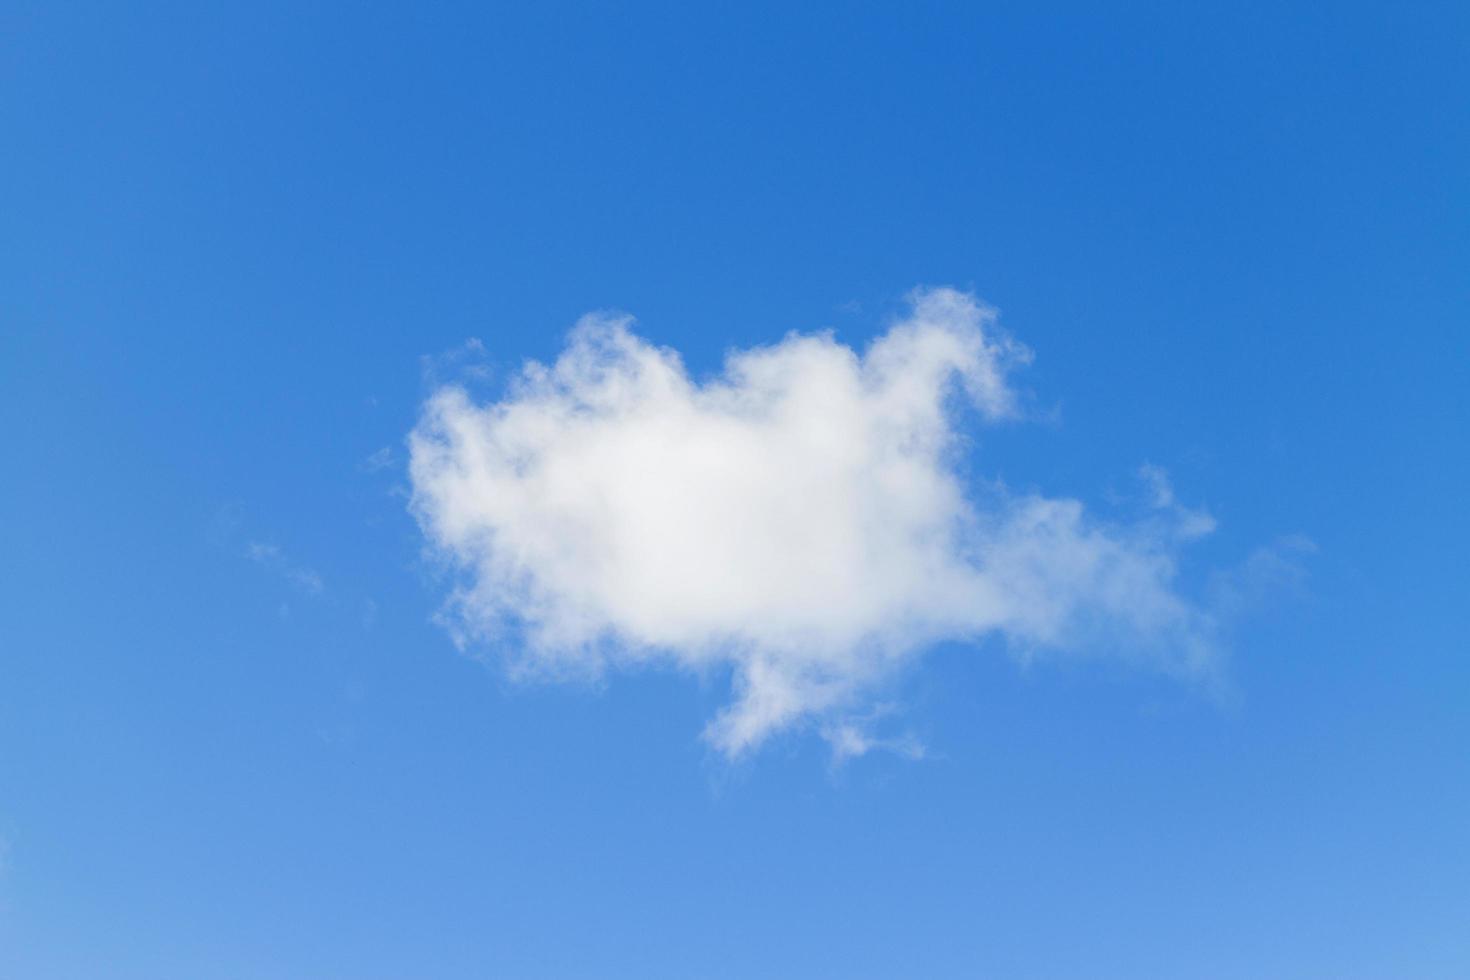 ciel bleu avec des nuages par une journée ensoleillée. photo